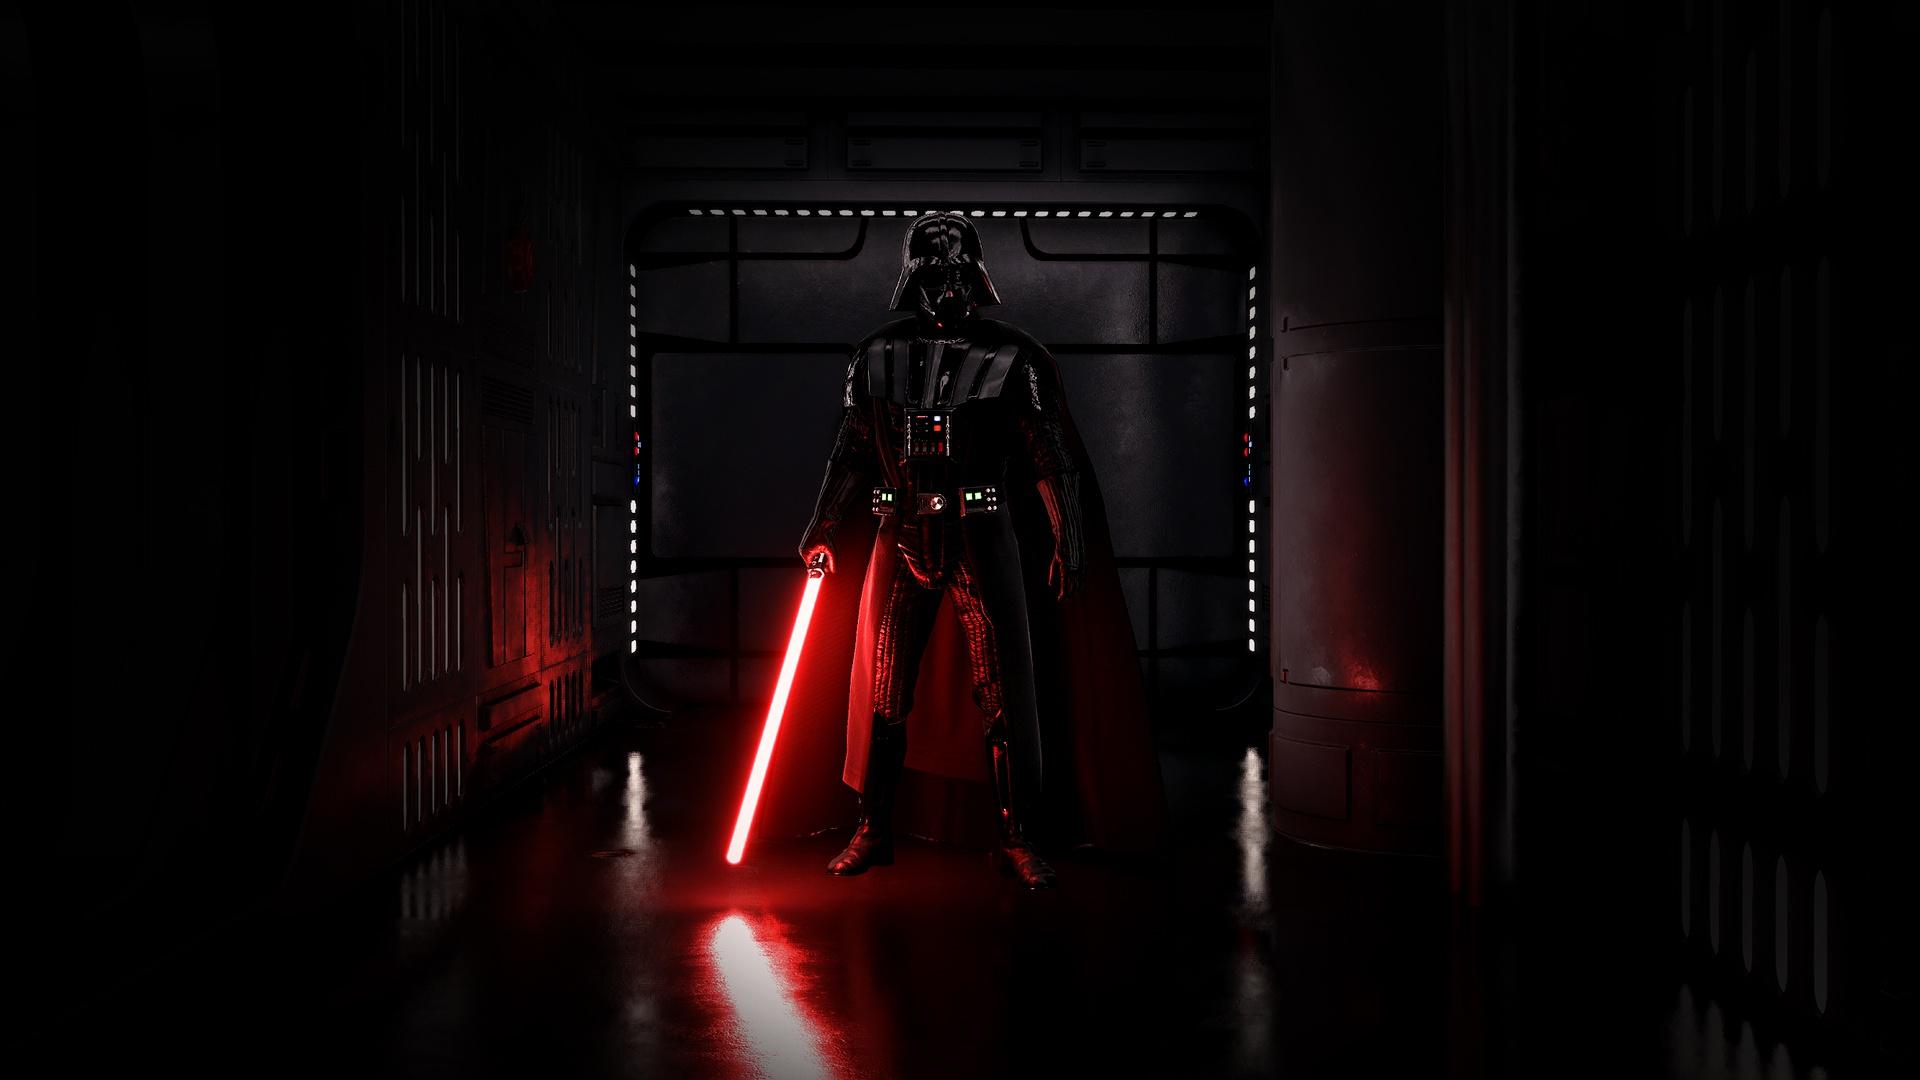 Wallpaper Darth Vader Sith Star Wars Dark Lightsaber